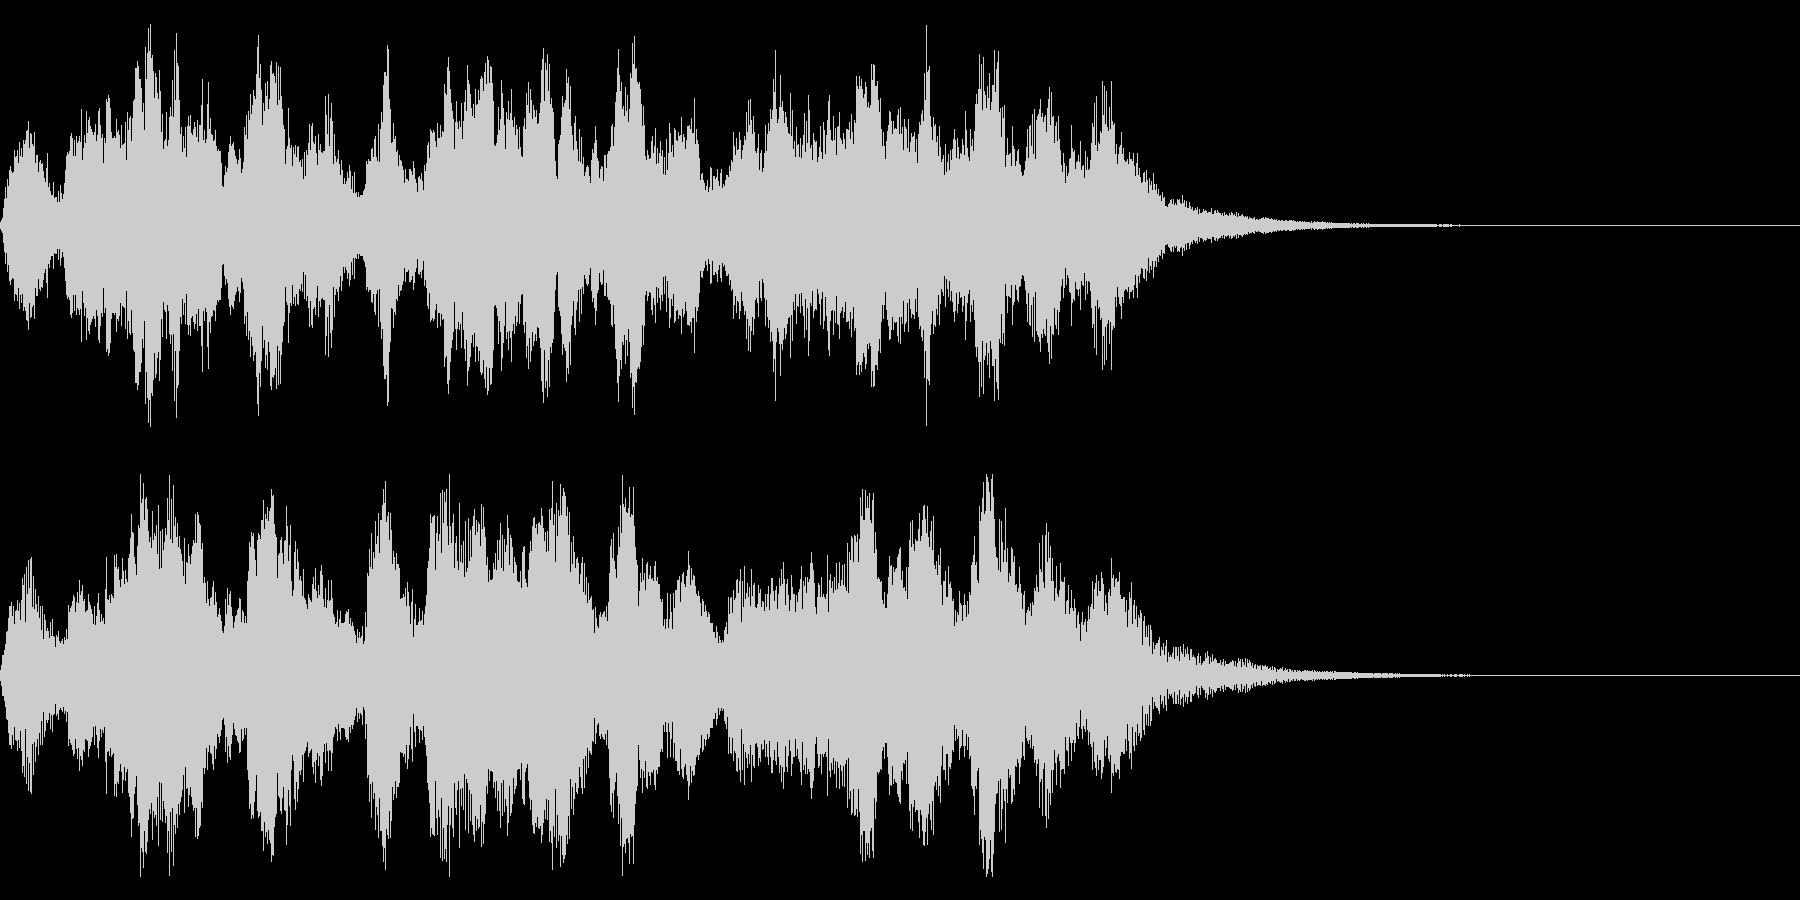 管弦楽によるほのぼのとしたジングルの未再生の波形